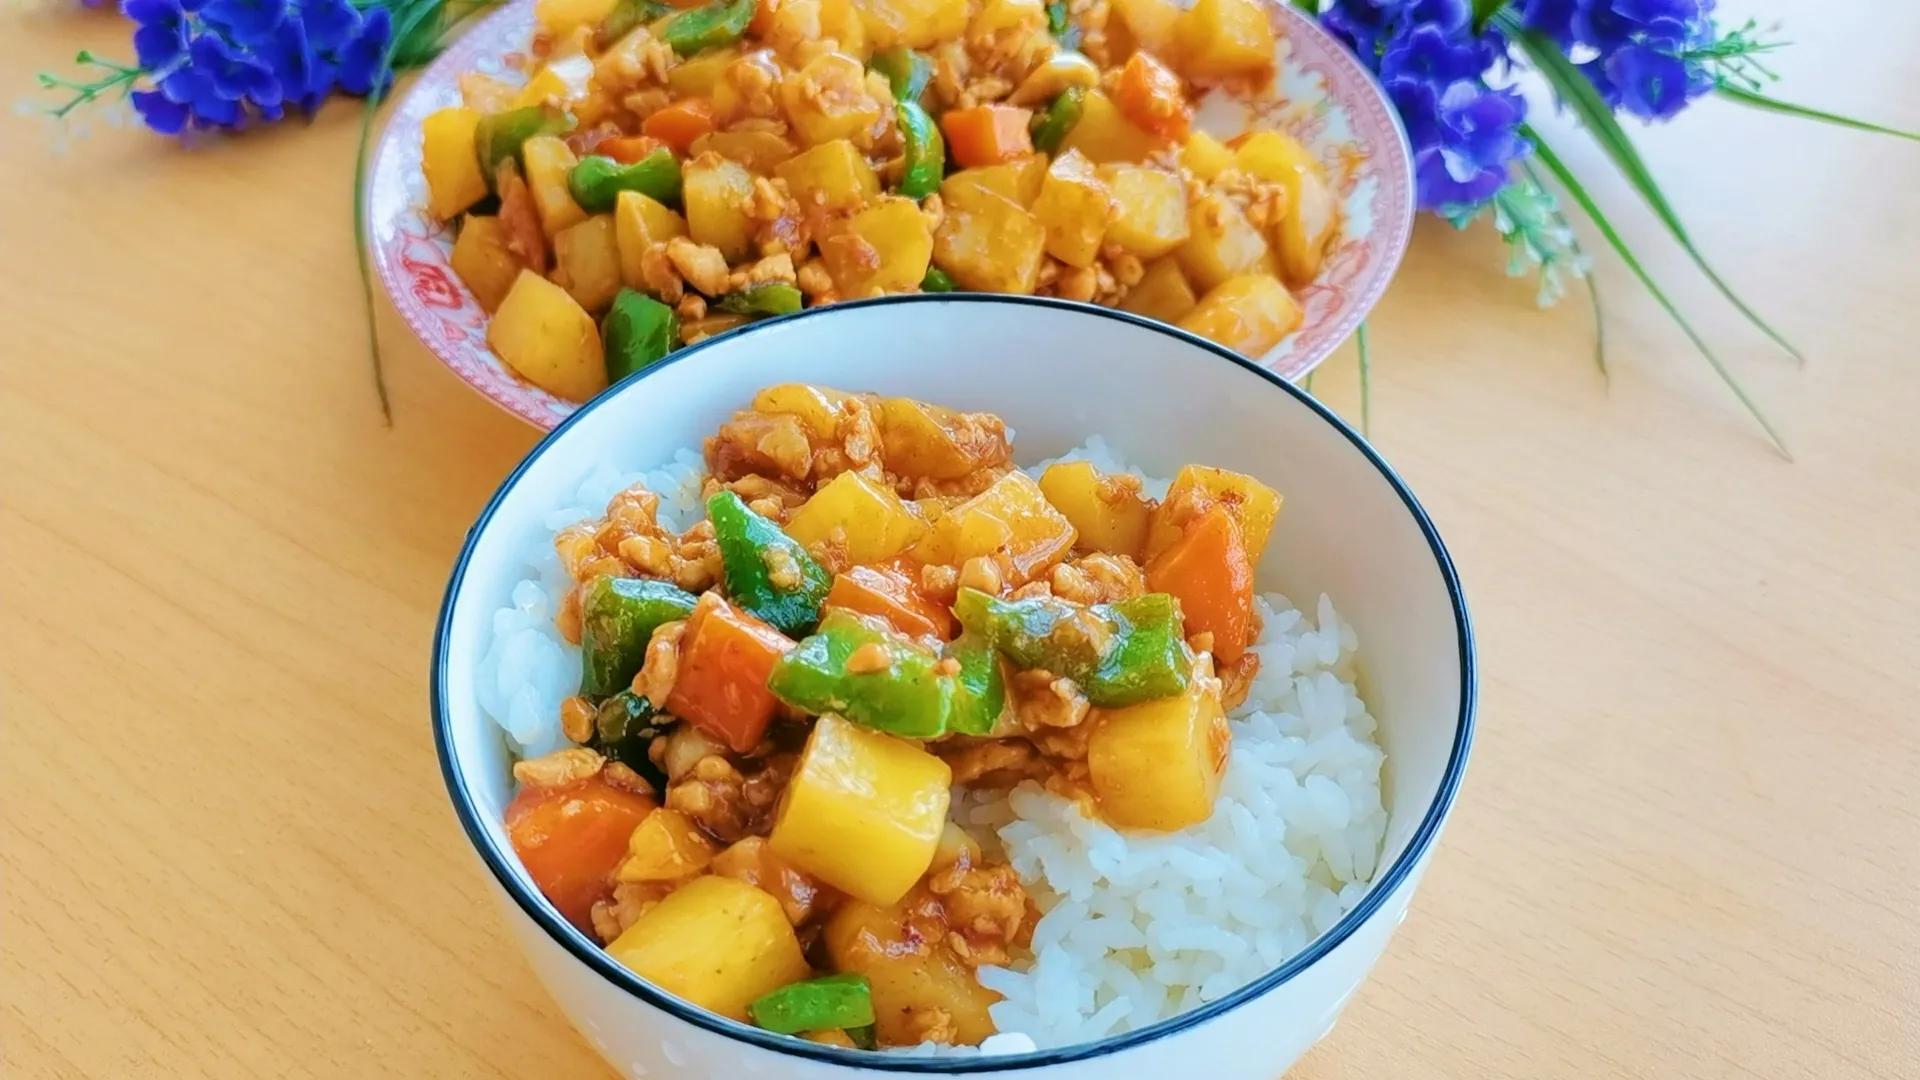 土豆的神仙吃法,连孩子都能多吃半碗饭,制作简单,好吃又营养 美食做法 第14张